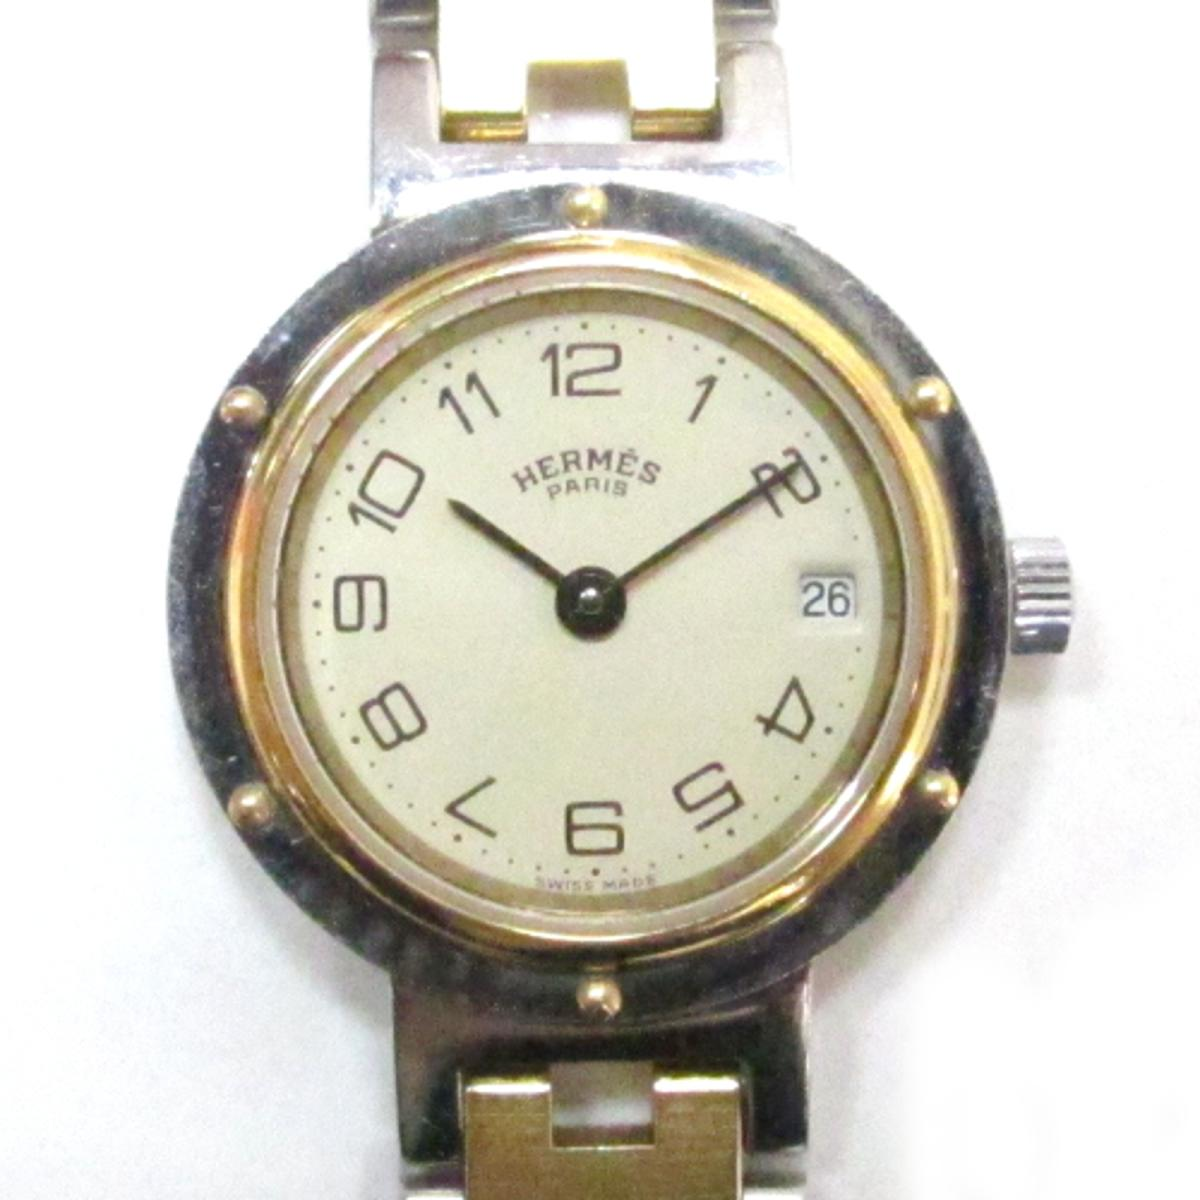 6373dac95bc3 【中古】エルメスクリッパーウォッチ腕時計時計レディースステンレススチール(SS)ゴールド×シルバー×ベージュ ROLEX 2014年コレクション新